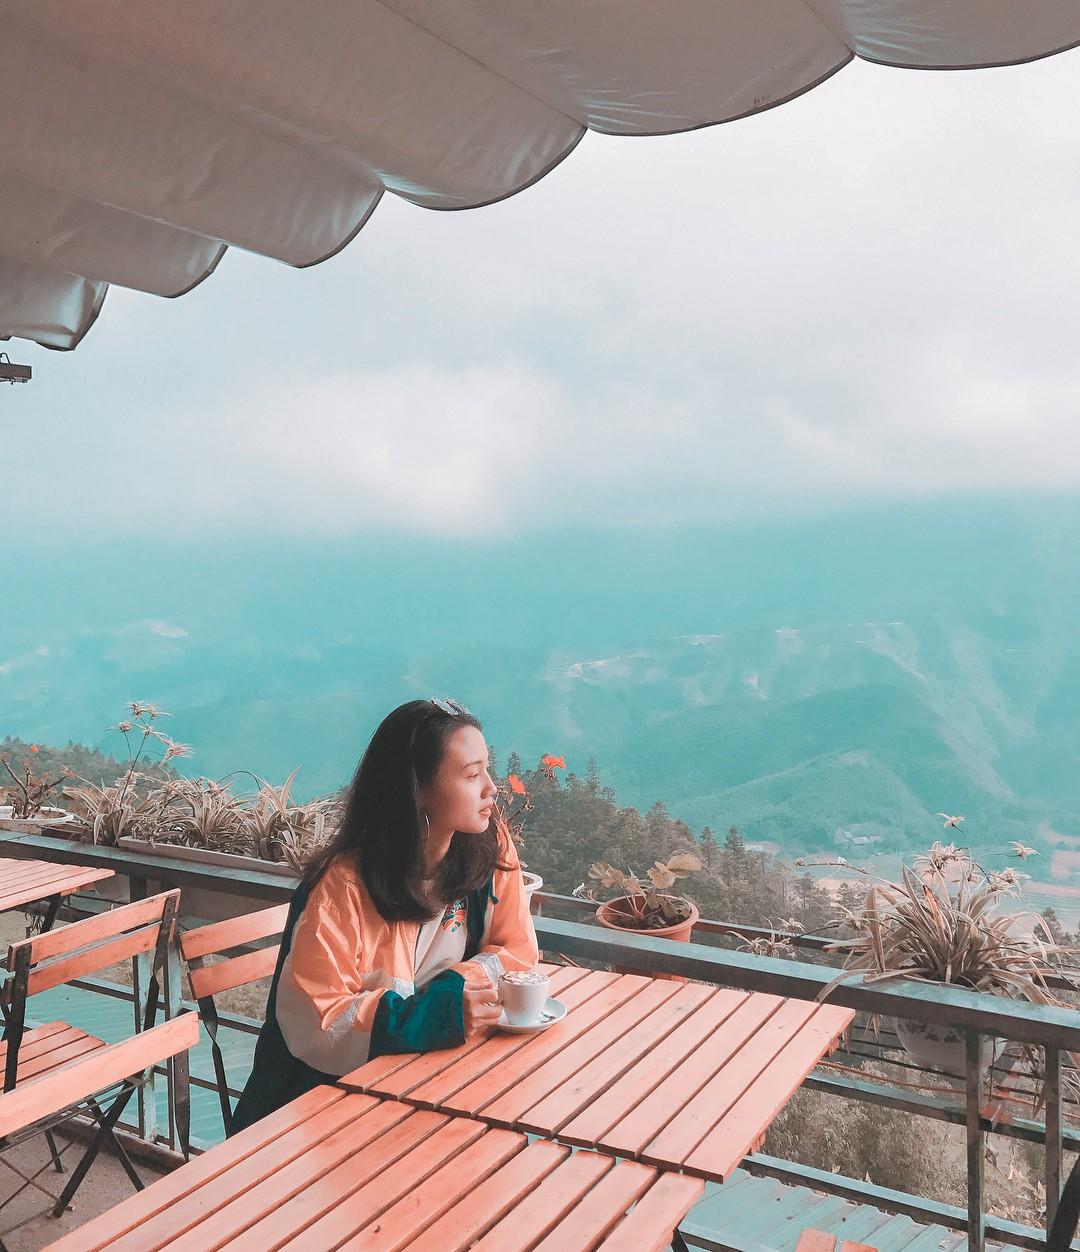 4 quán cafe cực hot ở Sapa sẽ cho bạn lạc vào nét đẹp hùng vĩ nơi núi rừng Tây Bắc - Ảnh 9.